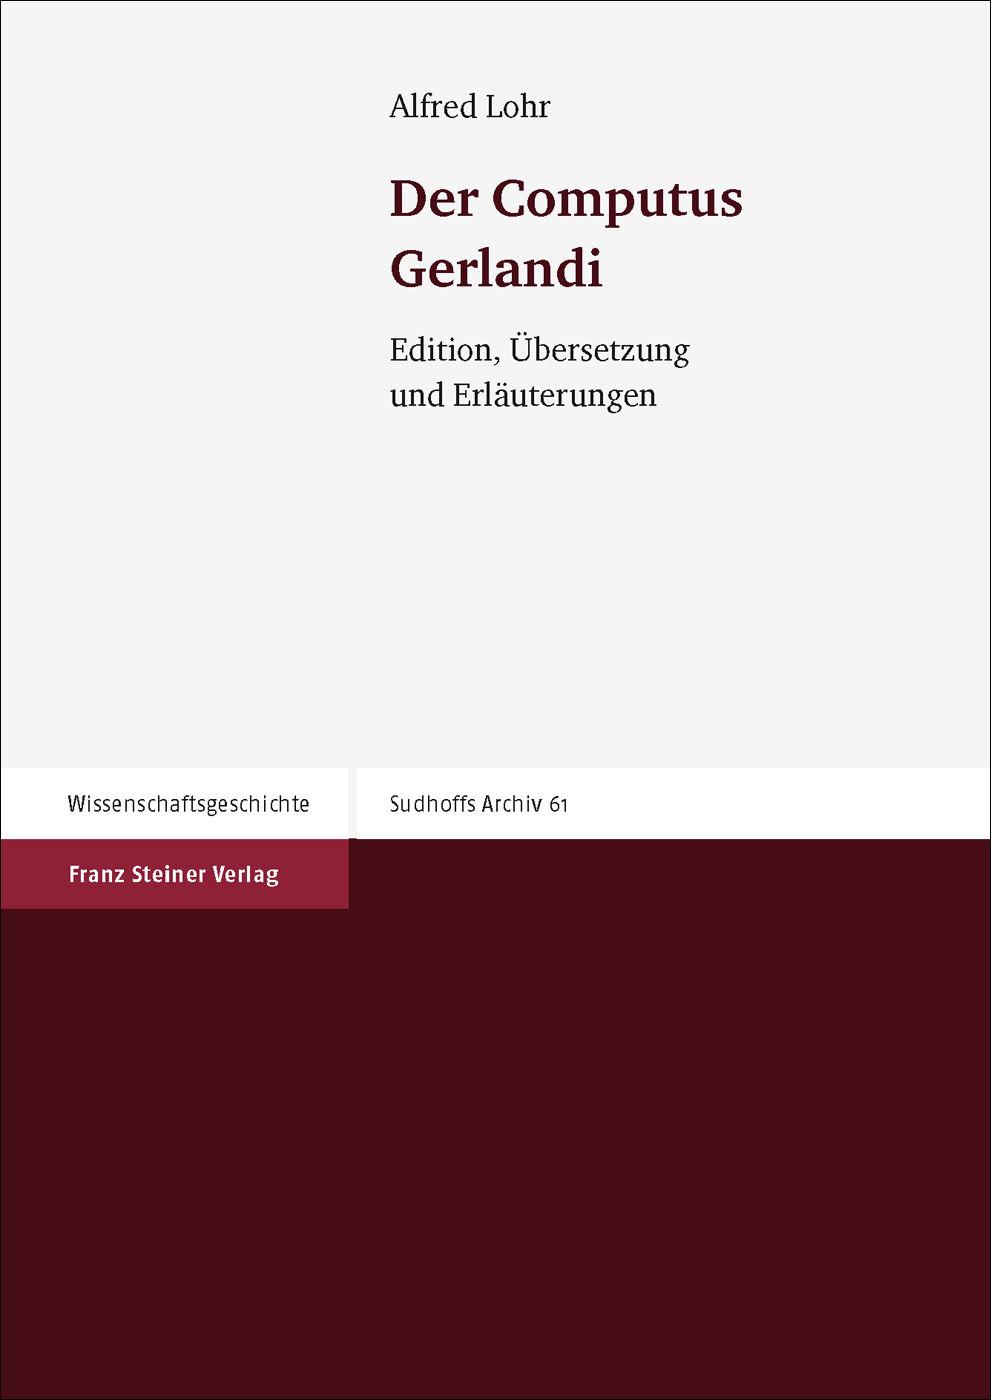 Der Computus Gerlandi